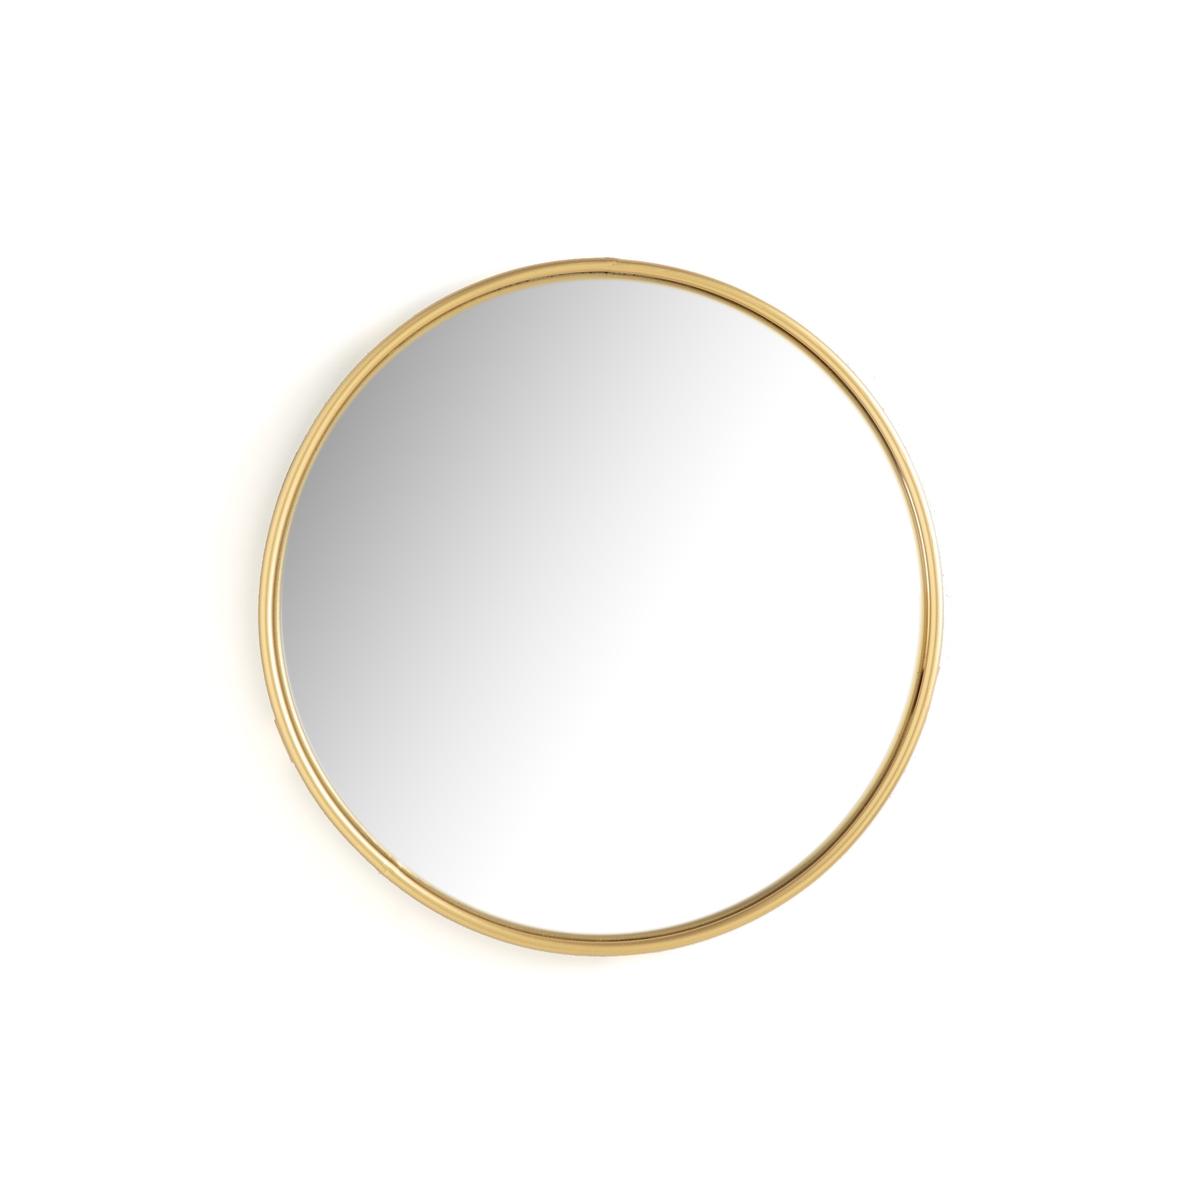 Зеркало La Redoute Для гадания 30 см Uyova единый размер другие зеркало la redoute прямоугольное д x в см barbier единый размер другие